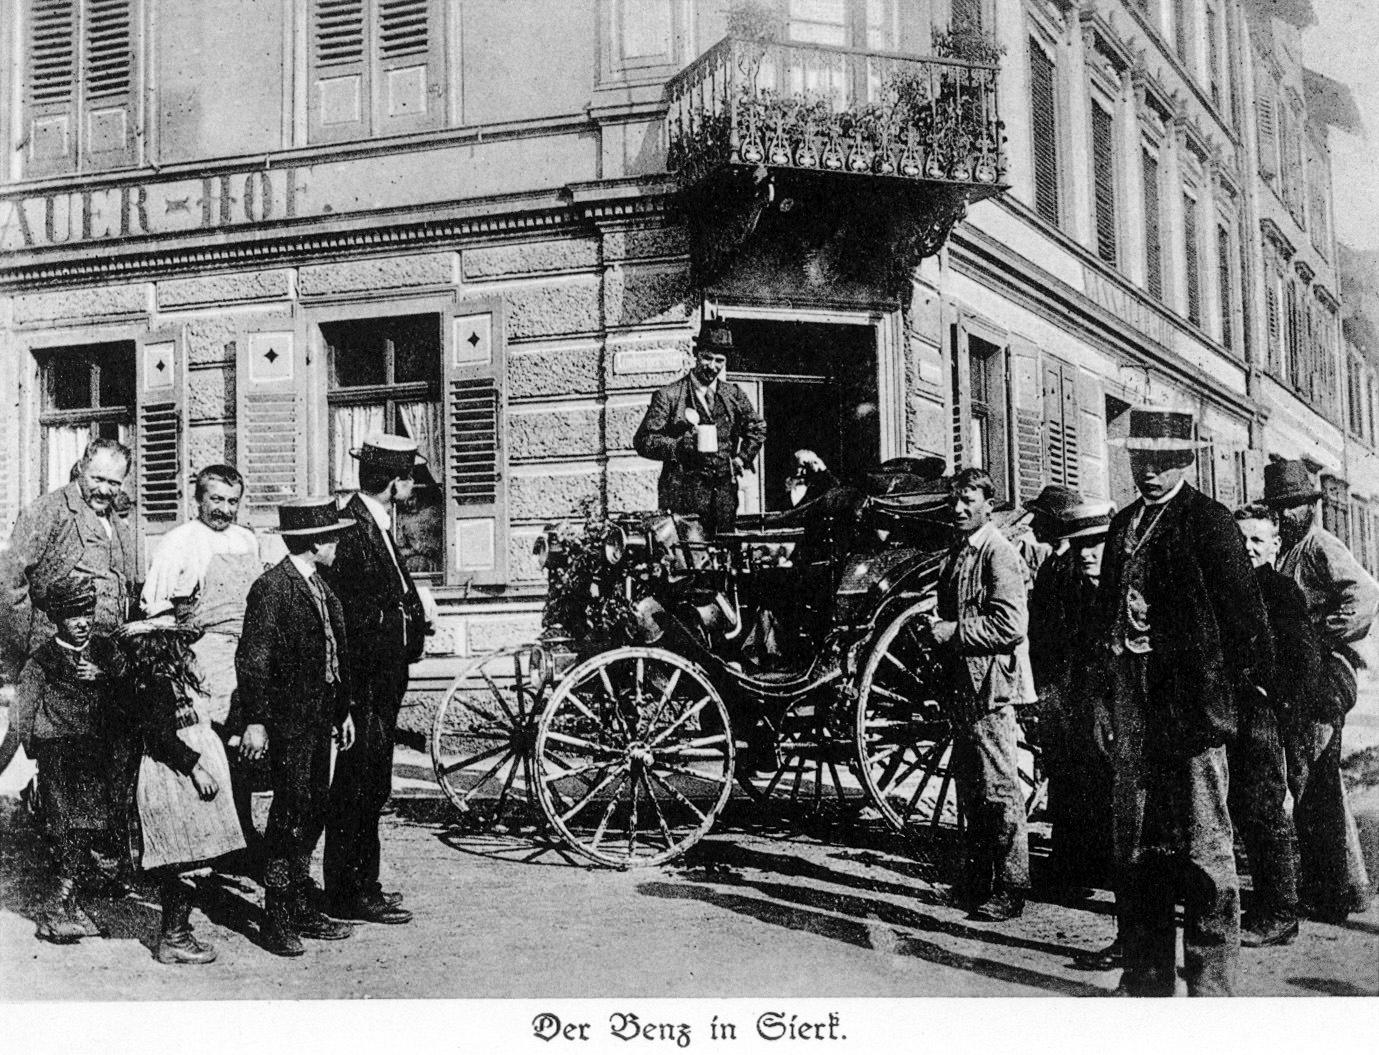 Auf seiner Fernreise sorgt der Benz Victoria von Baron Theodor von Liebieg 1894 für Aufsehen.